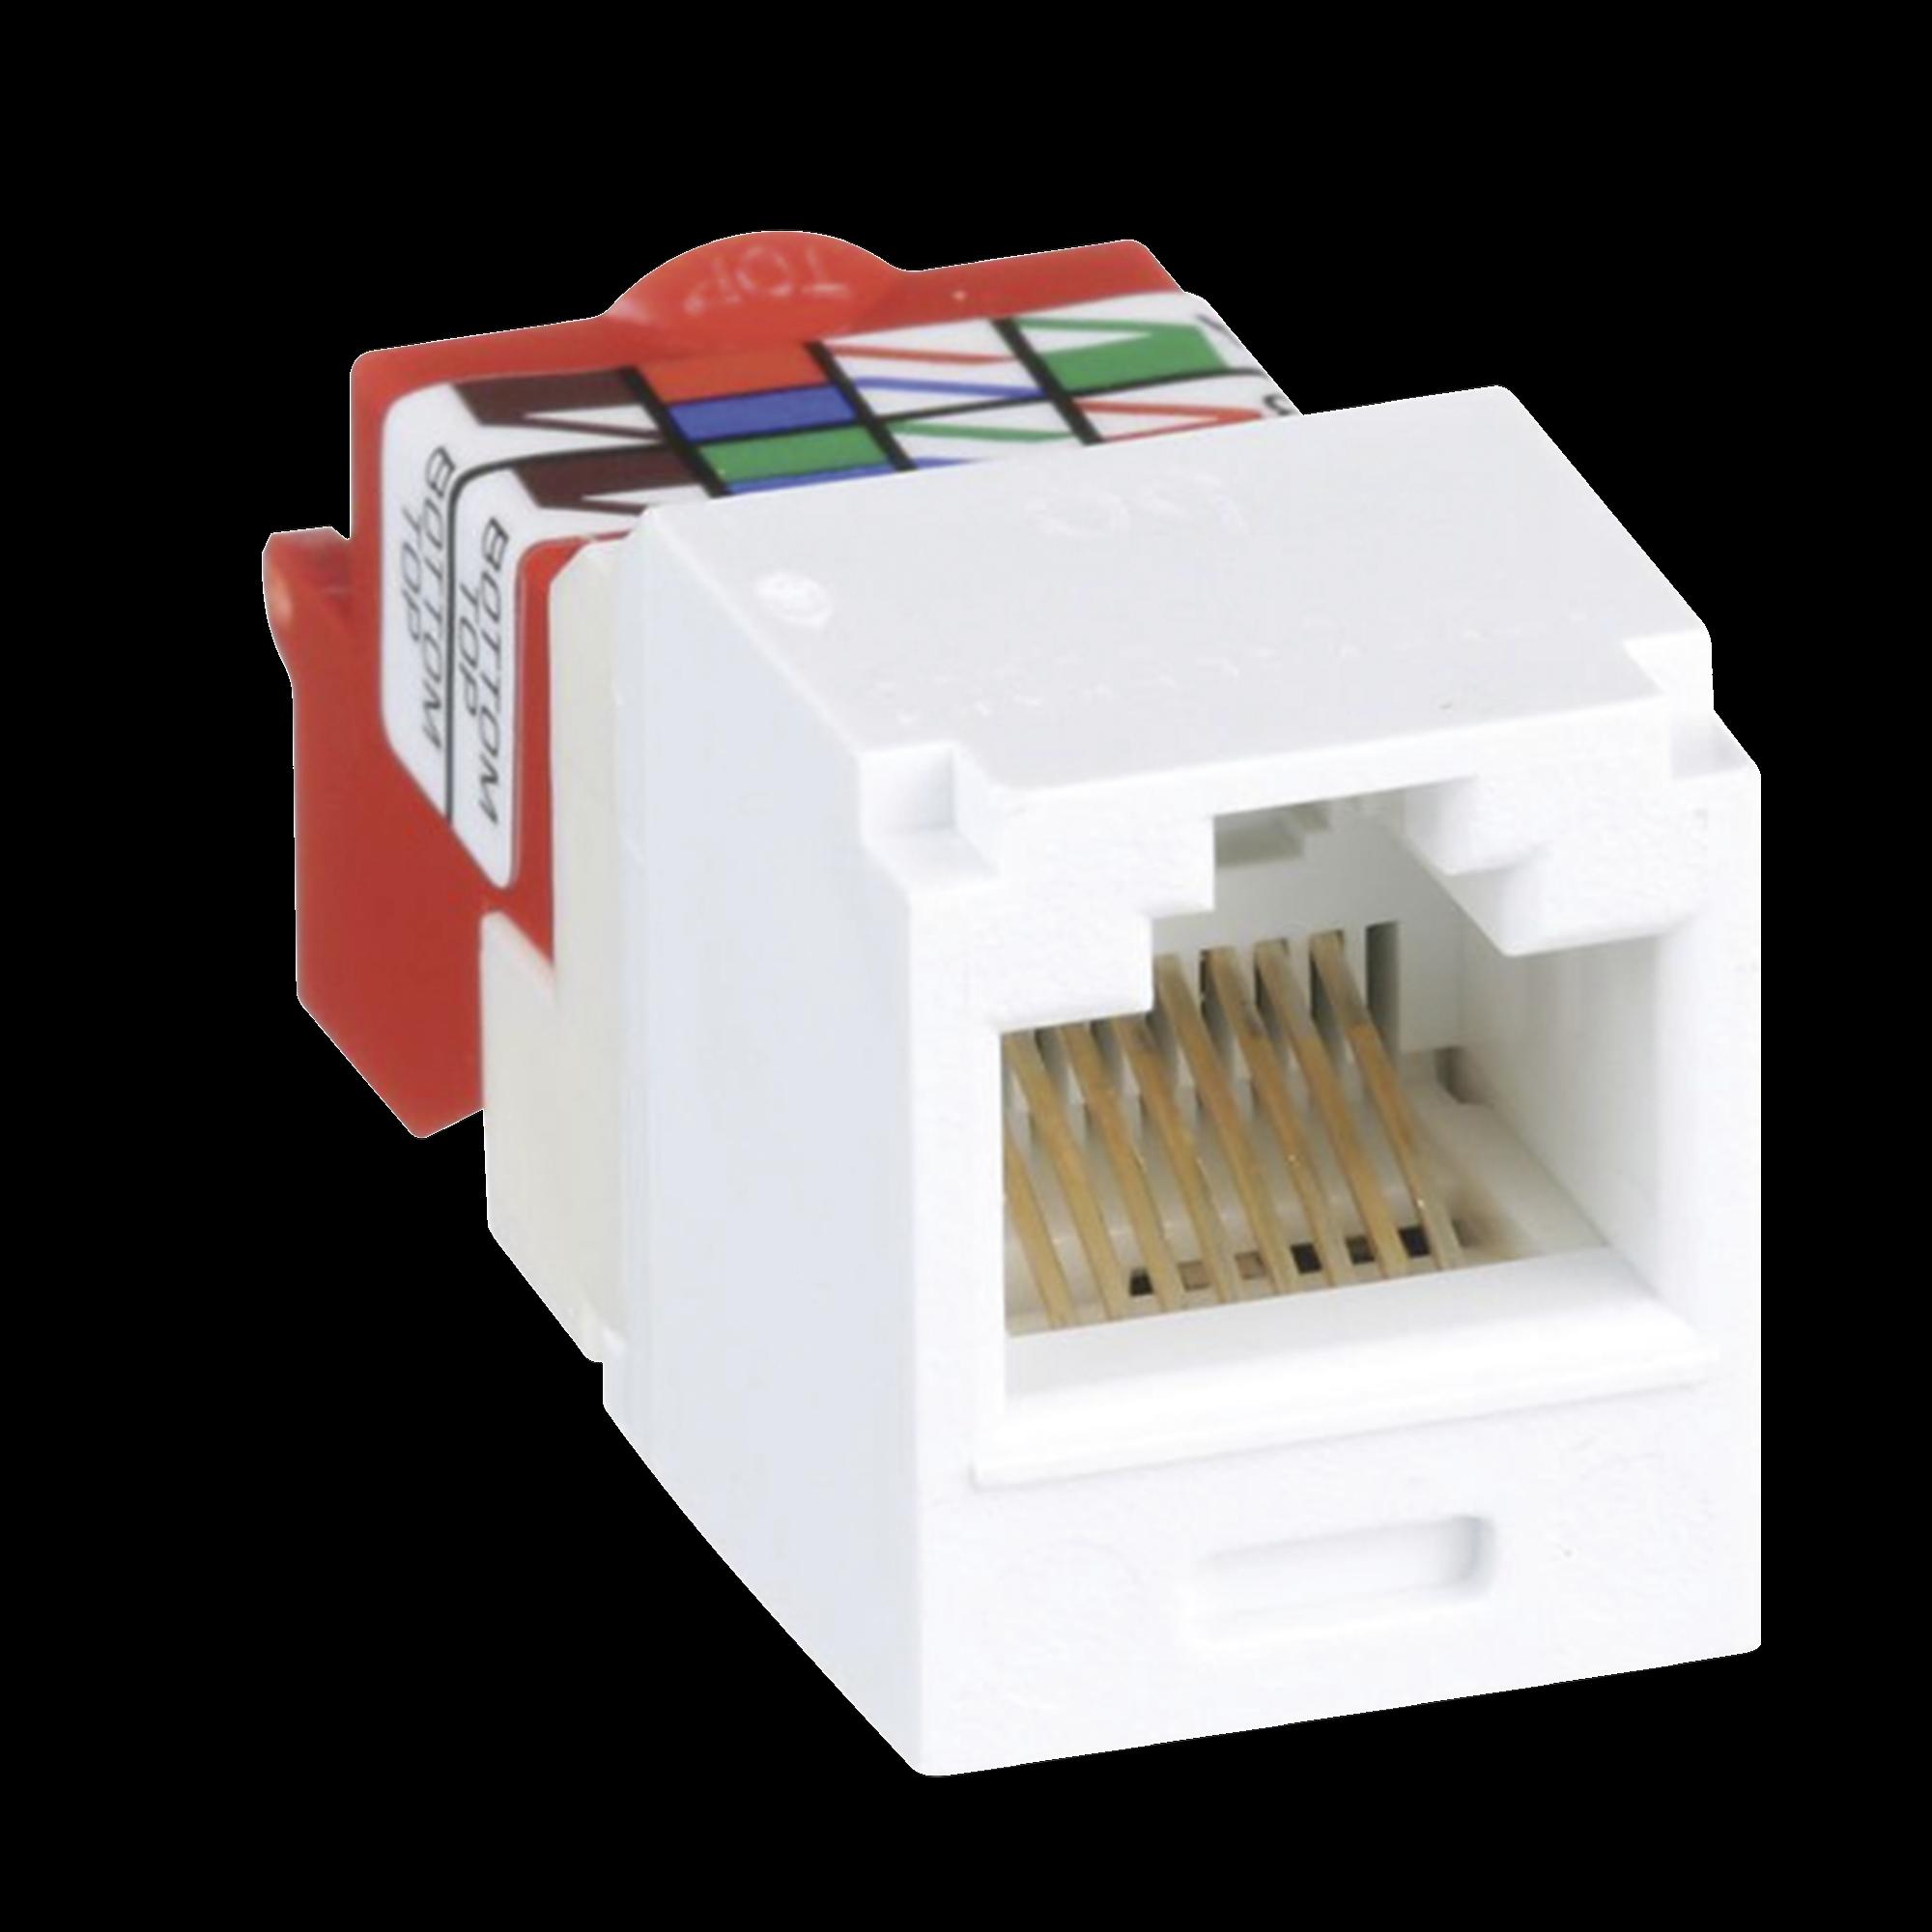 Conector Jack RJ45 Estilo T, Mini-Com, Categoría 5e, de 8 posiciones y 8 cables, Color Blanco